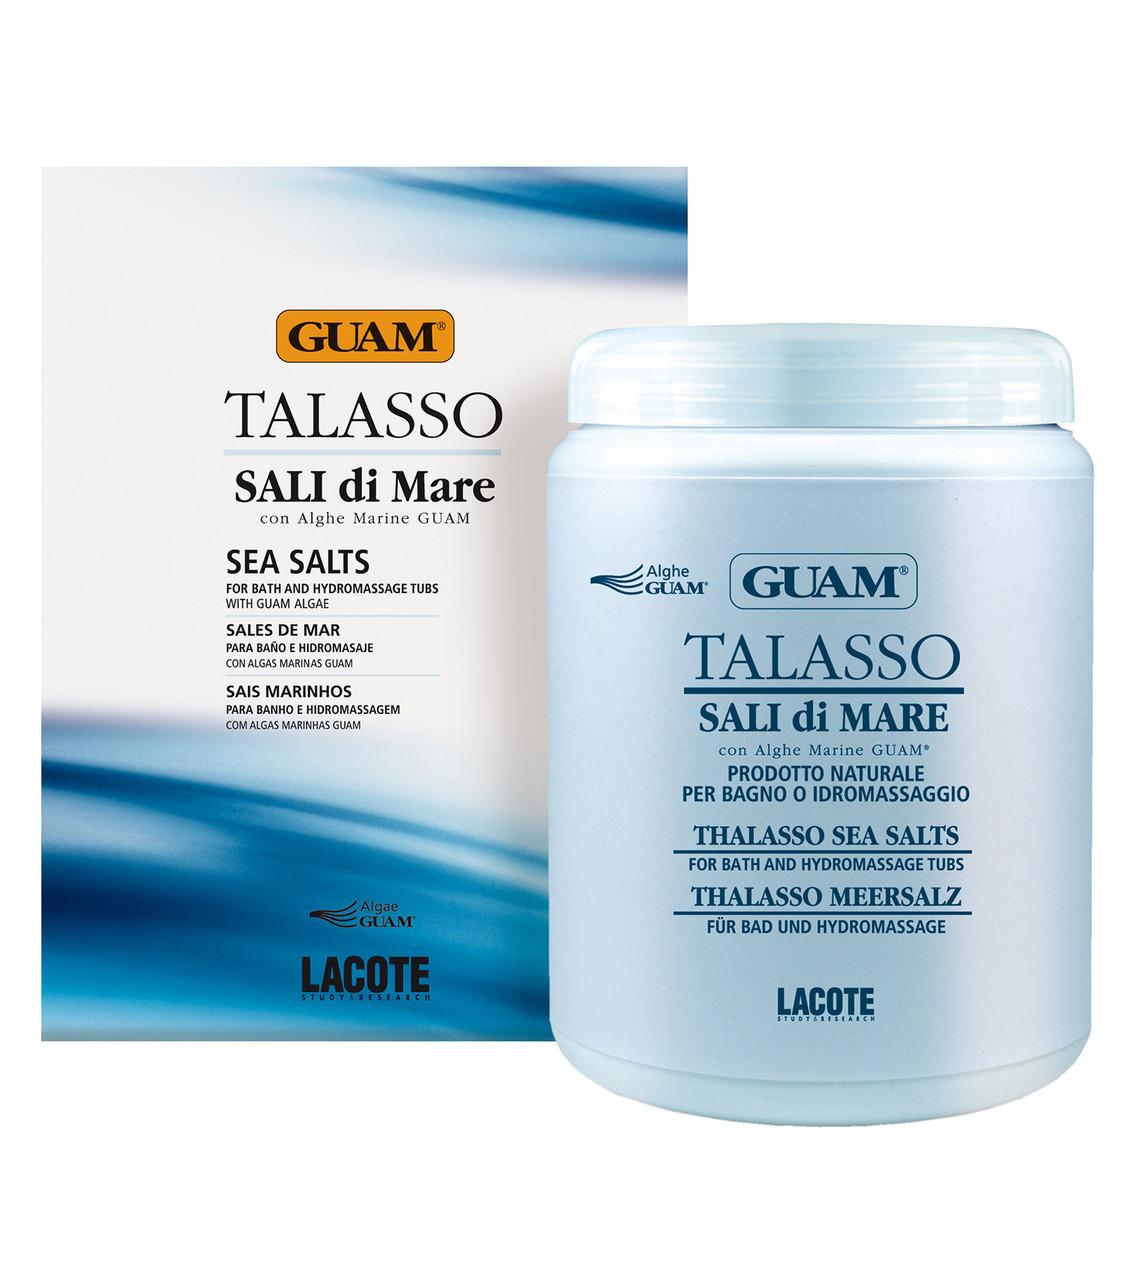 GUAM Концентрированная морская соль ТАЛАССО 1000 г